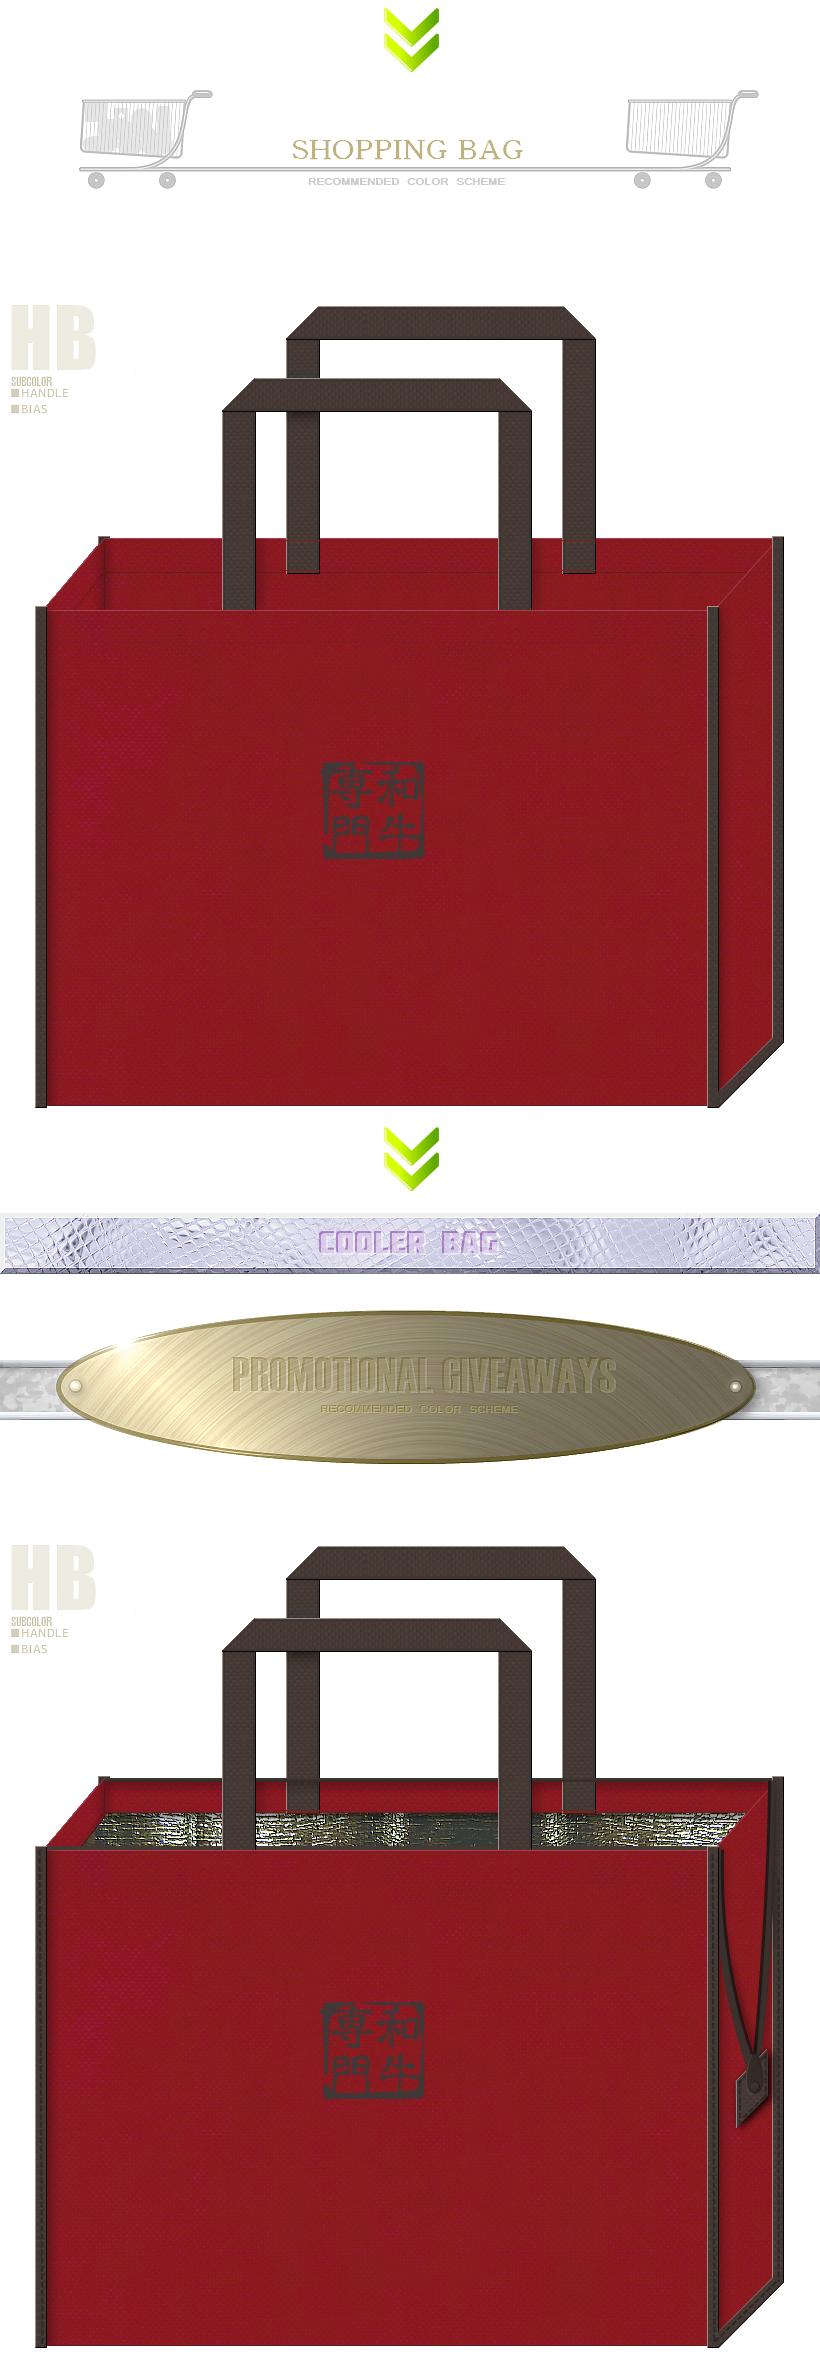 エンジ色とこげ茶色の不織布バッグデザイン:上-すき焼き・牛肉店のショッピングバッグ 下-和牛肉の販促ノベルティ(テイクアウト用の保冷バッグ)